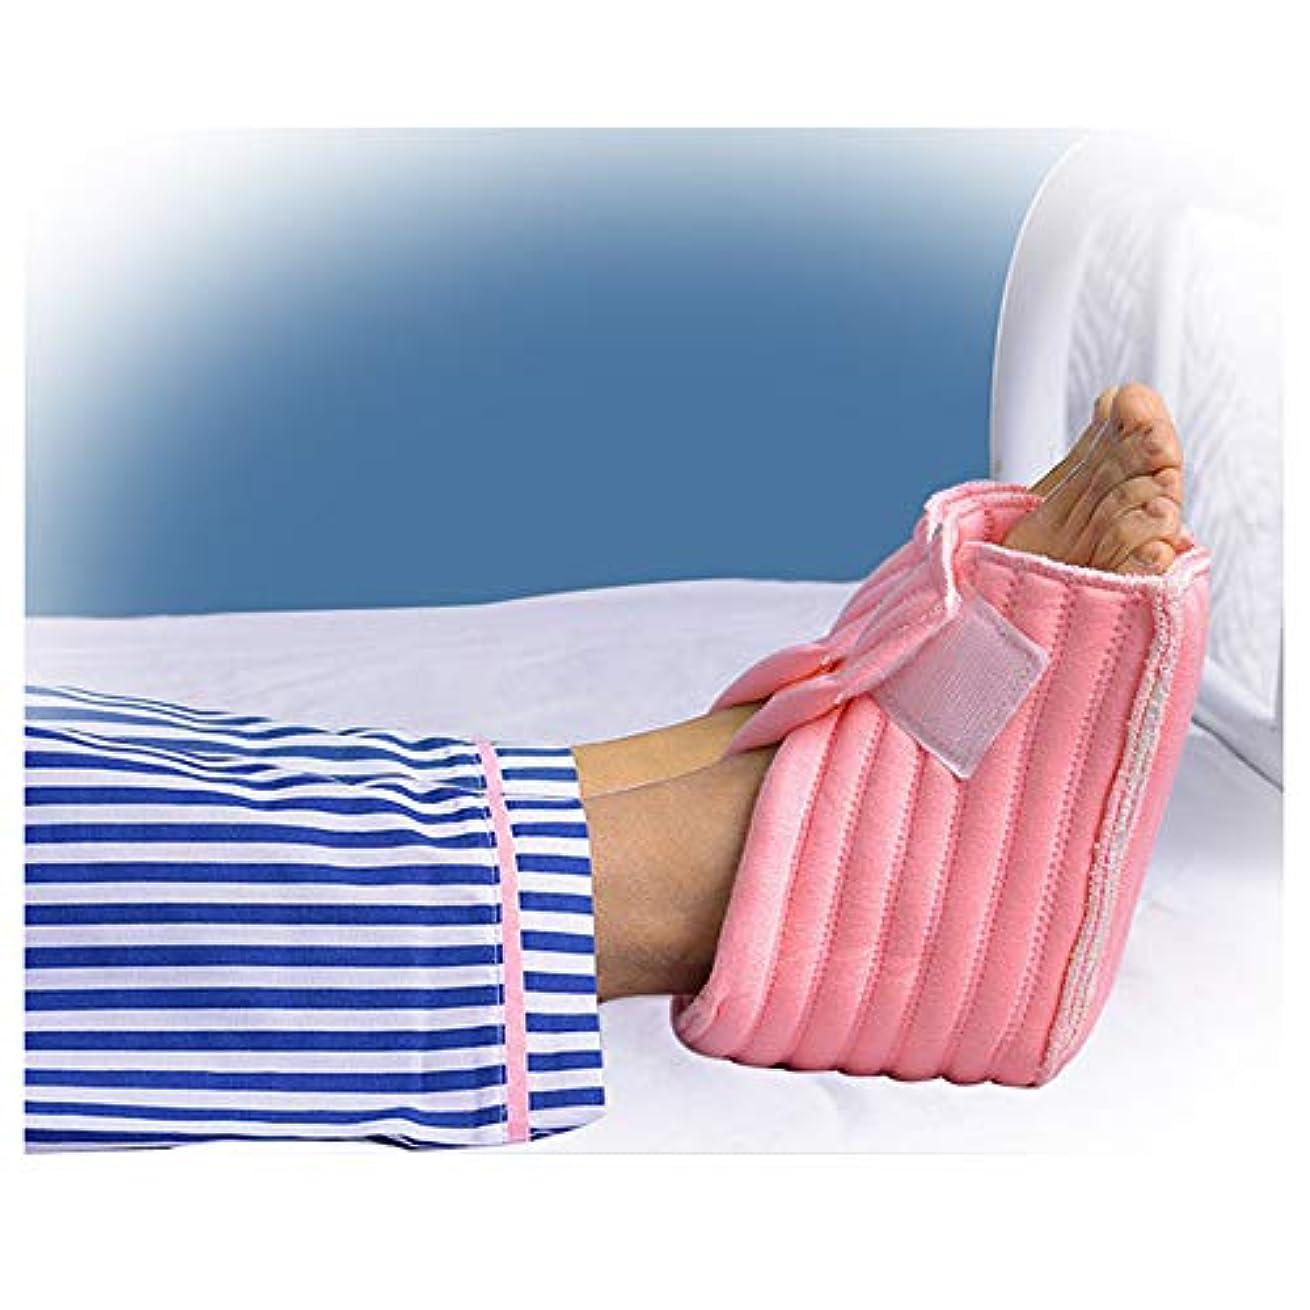 関係恥ずかしい明確にヒールプロテクター枕、足首サポート枕フットプロテクション、足枕、1ペア、ピンク